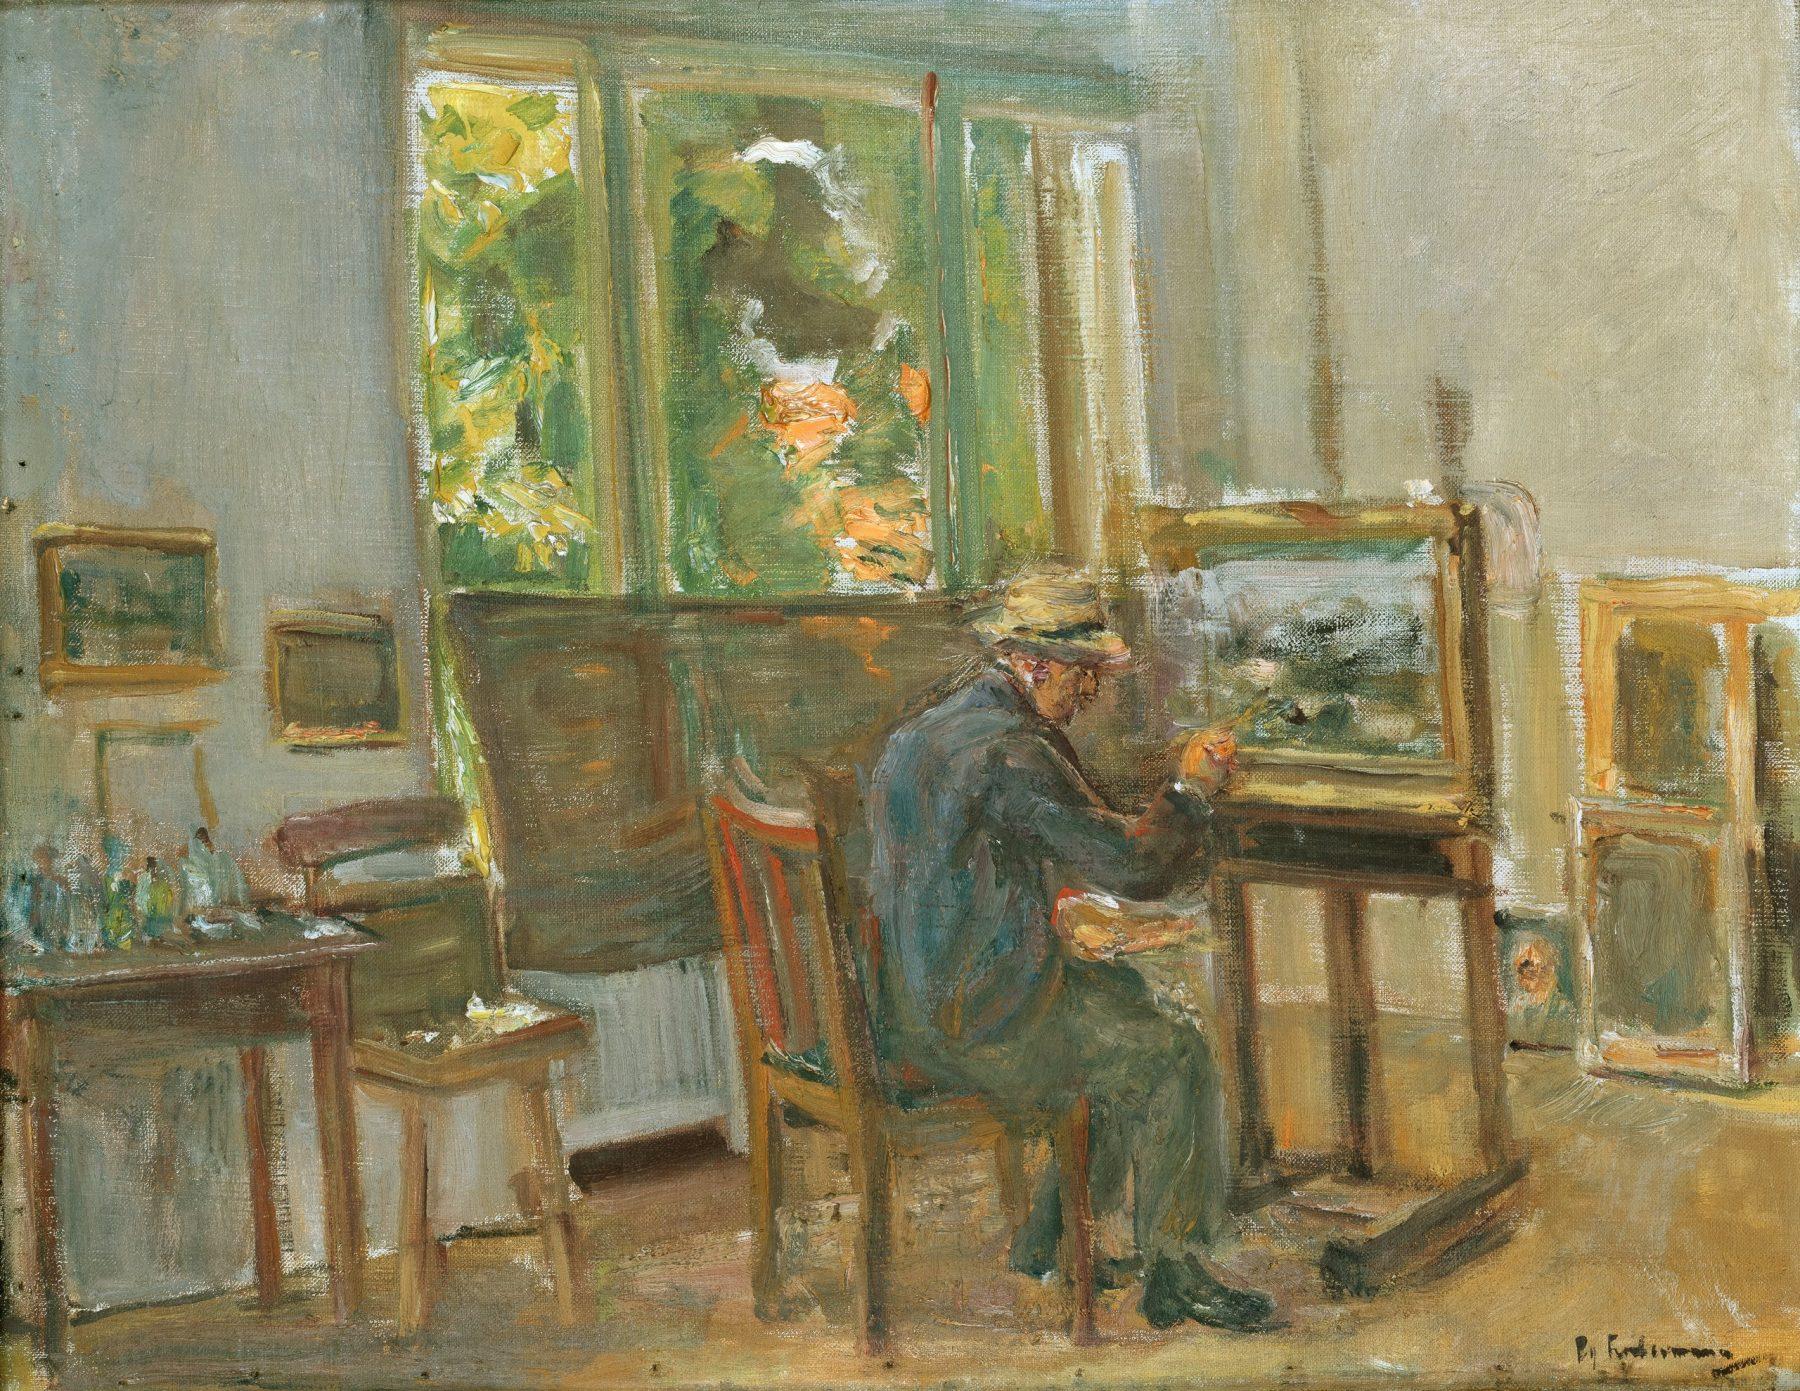 Der Künstler sitzt mit dem Rücken zu den Betrachtenden auf einem Stuhl vor einer Leinwand und malt. Er befindet sich in seinem Atelier, um ihn herum stehen einige weitere Gemälde.